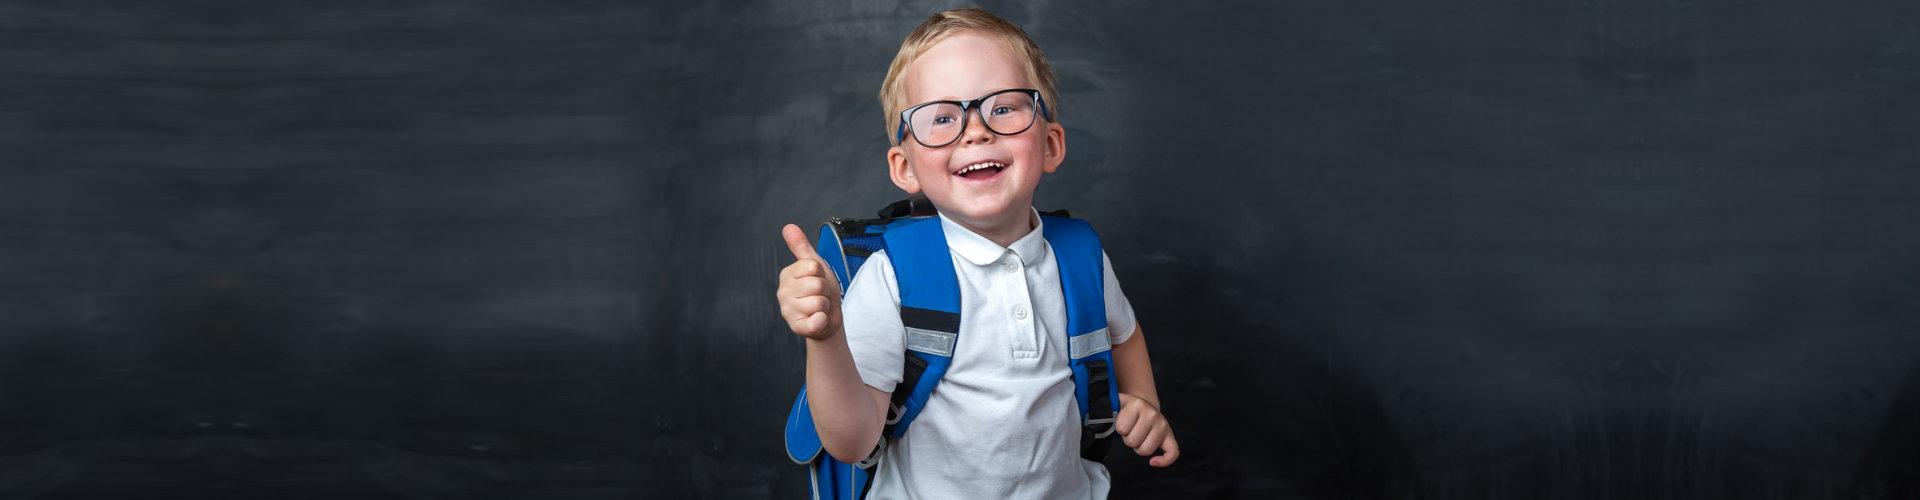 child doing ok sign